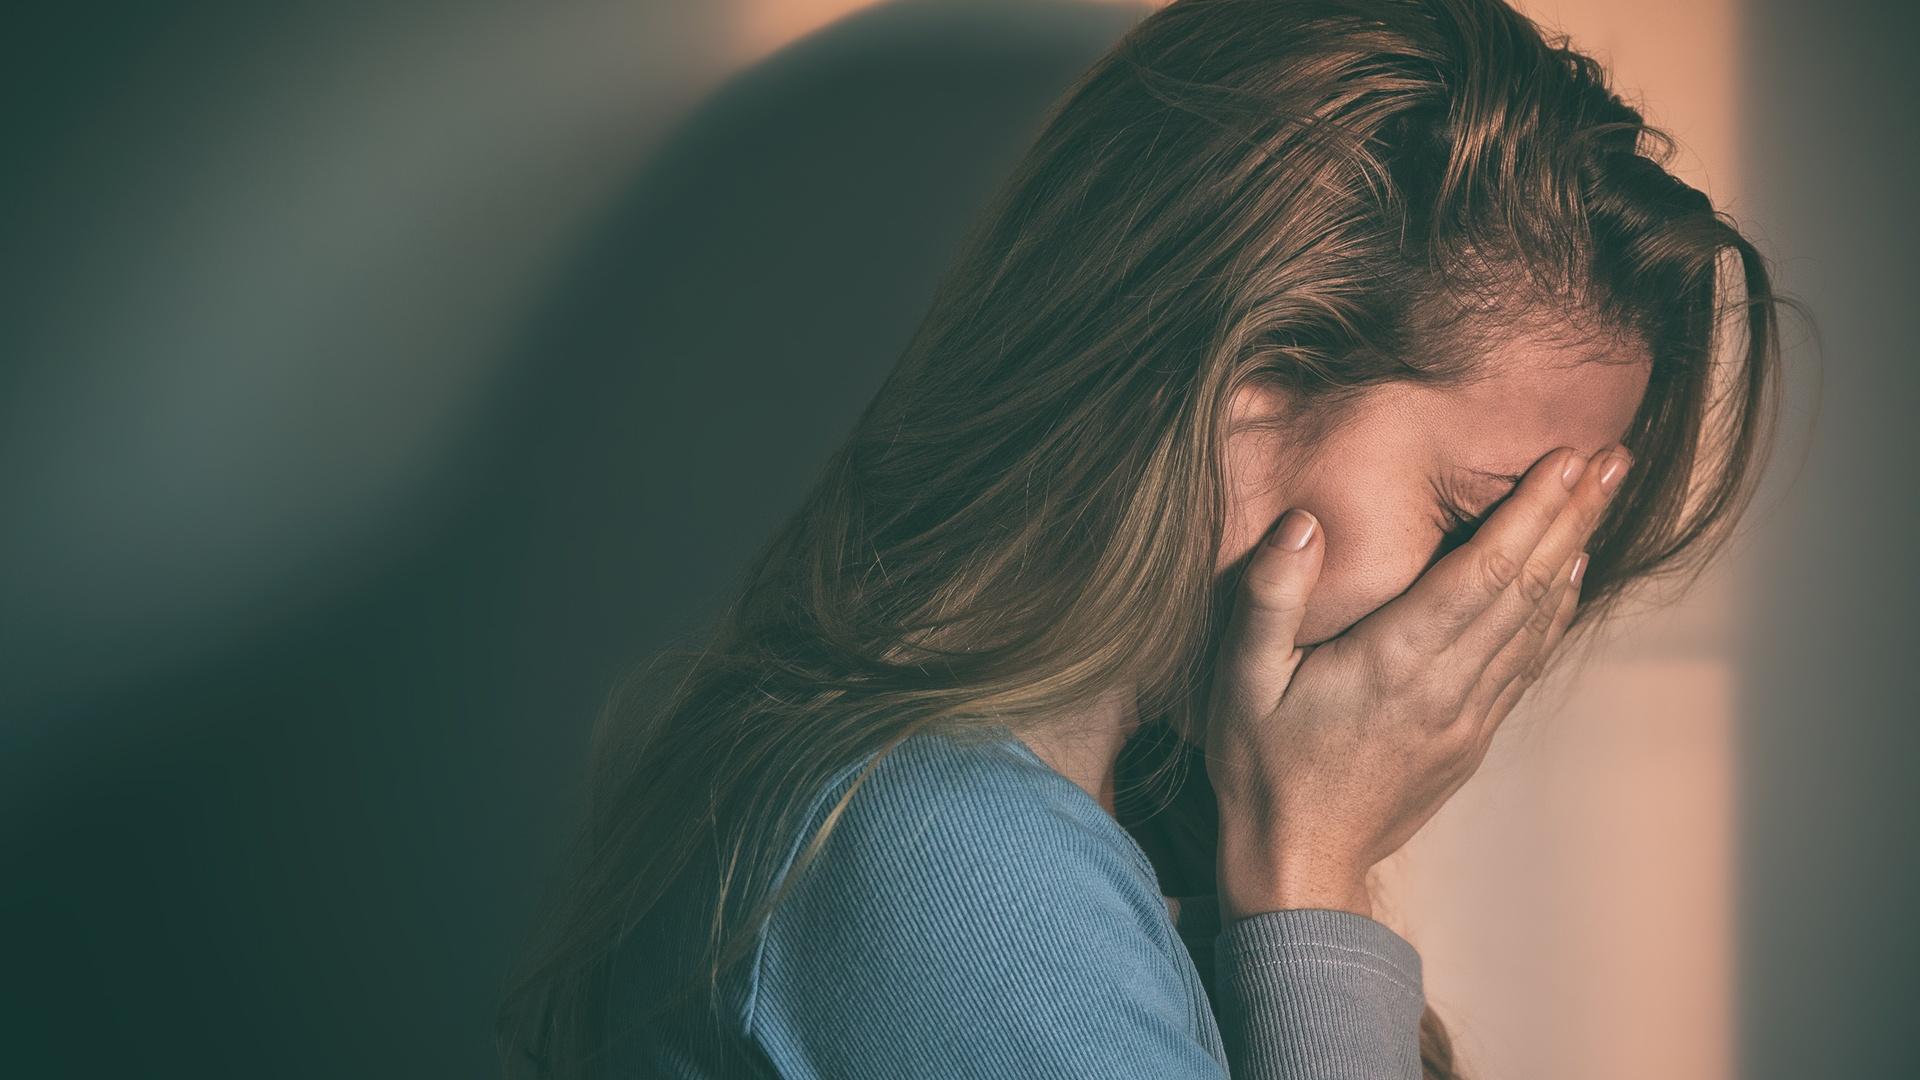 Incapacidad Laboral y Discapacidad por Depresión Mayor Grave